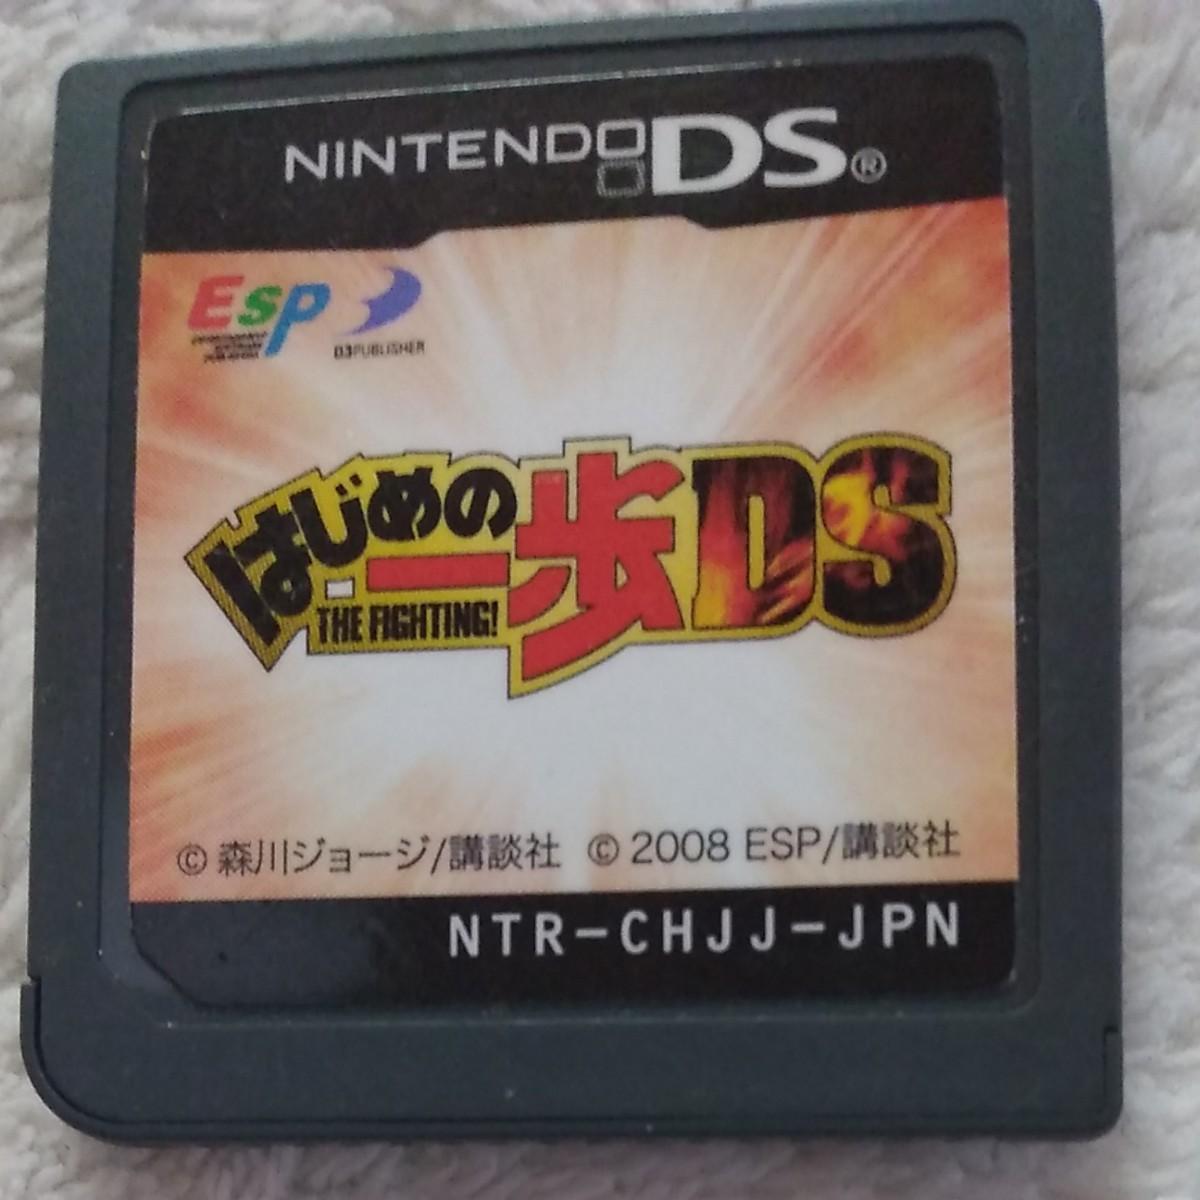 DS 任天堂ニンテンドー初めの一歩 ソフト DSソフト